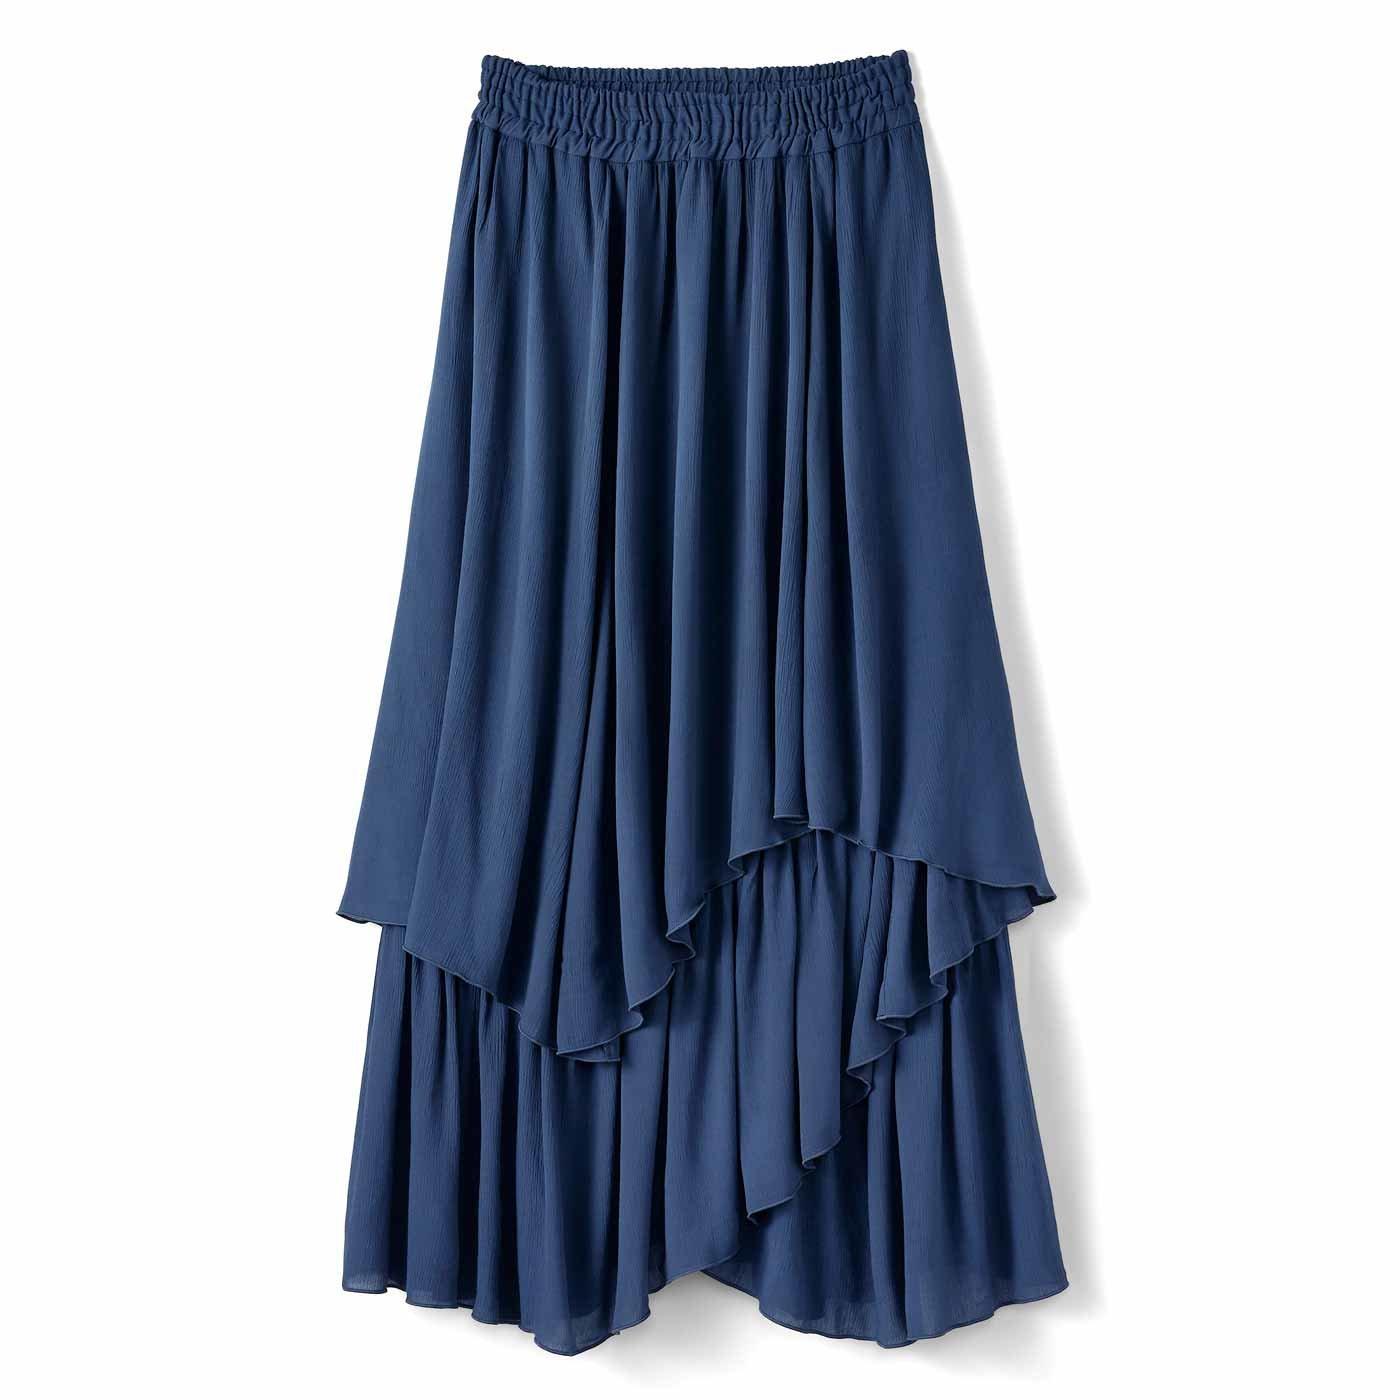 IEDIT[イディット] ふわりと軽やかな楊柳(ようりゅう)ティアードイレギュラーヘムスカート〈ネイビー〉